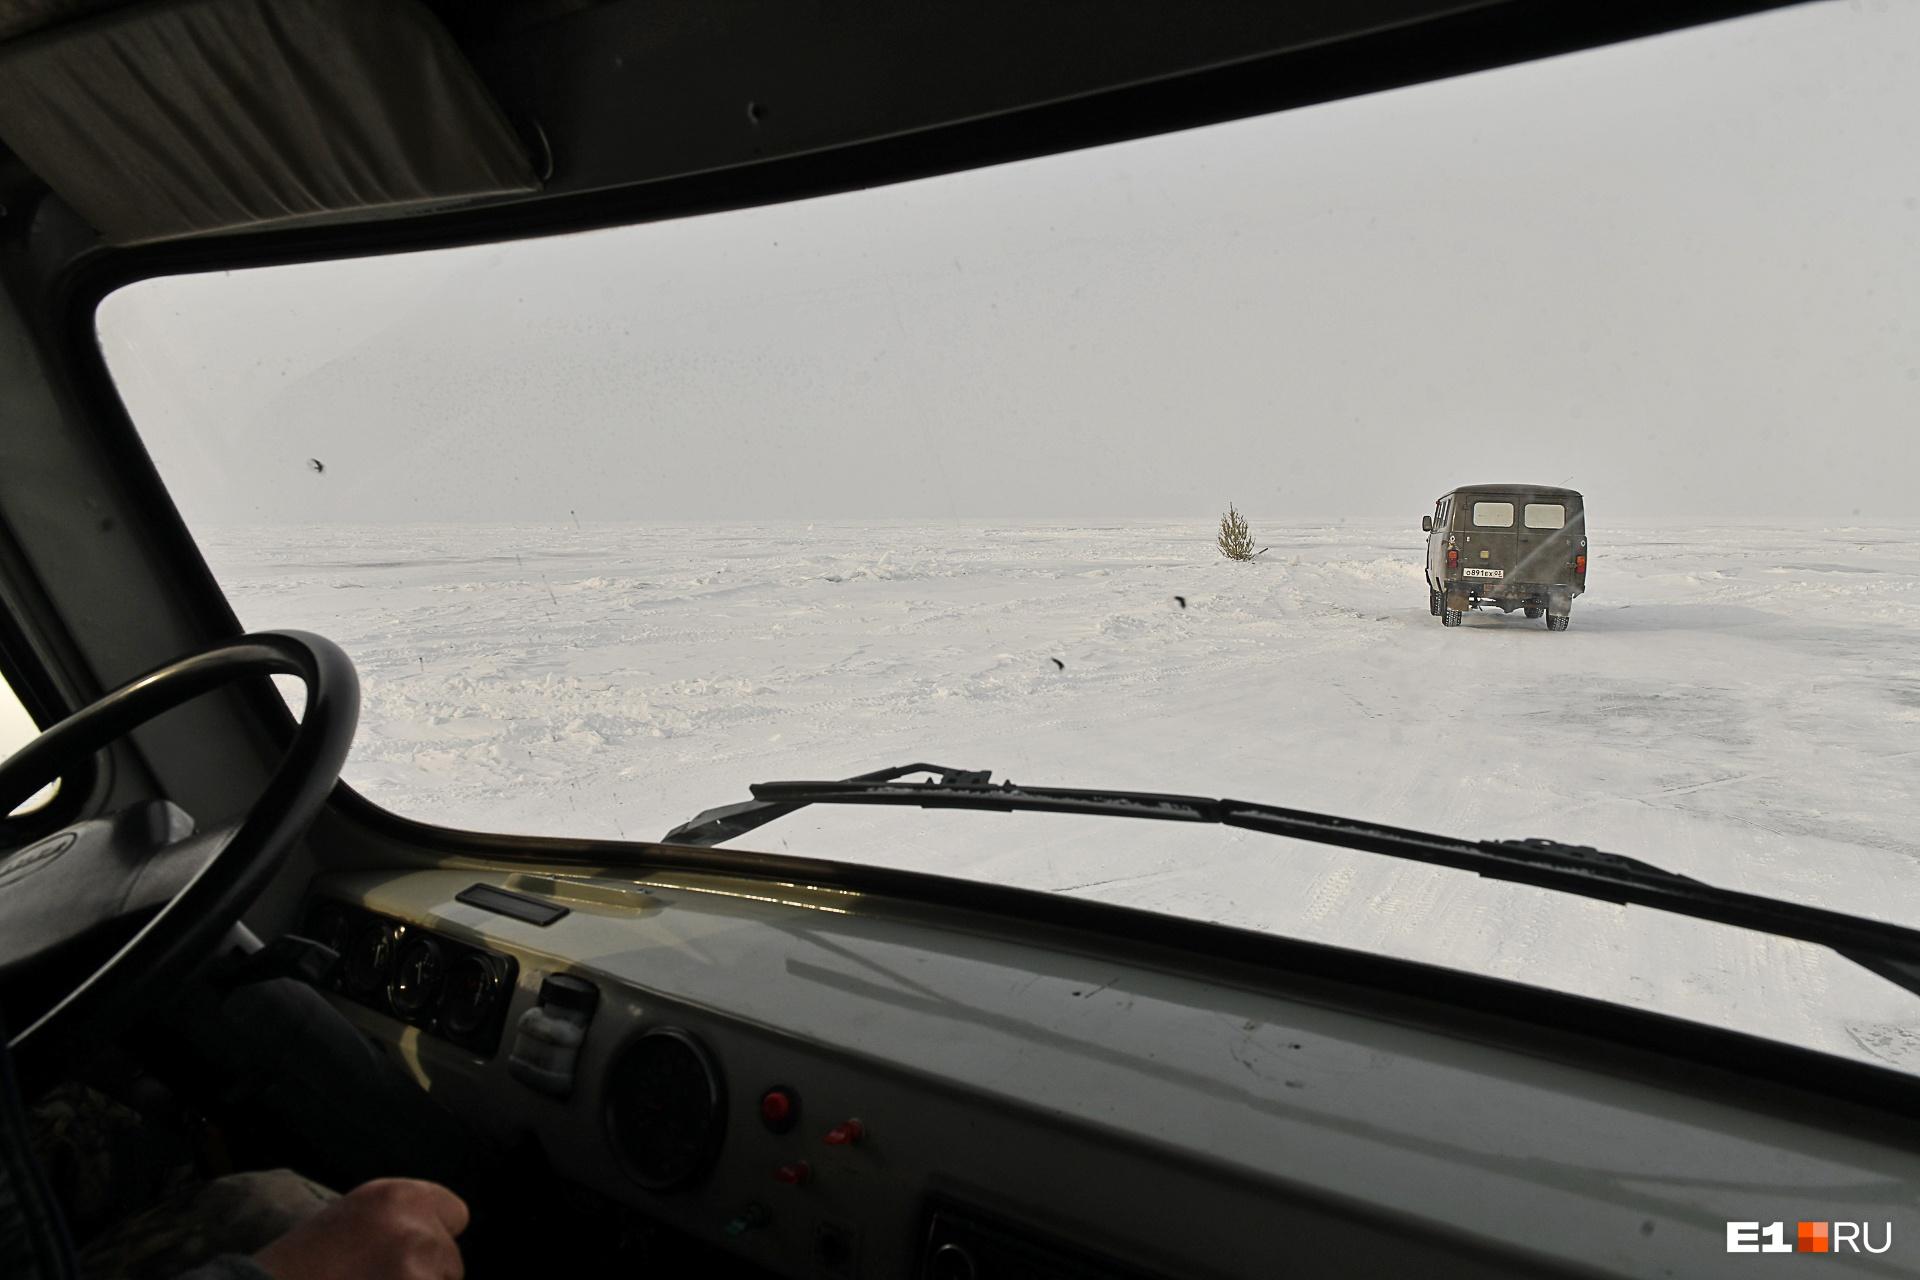 Дороги на Байкале размечены вешками — сосенками, воткнутыми прямо в лед для ориентира